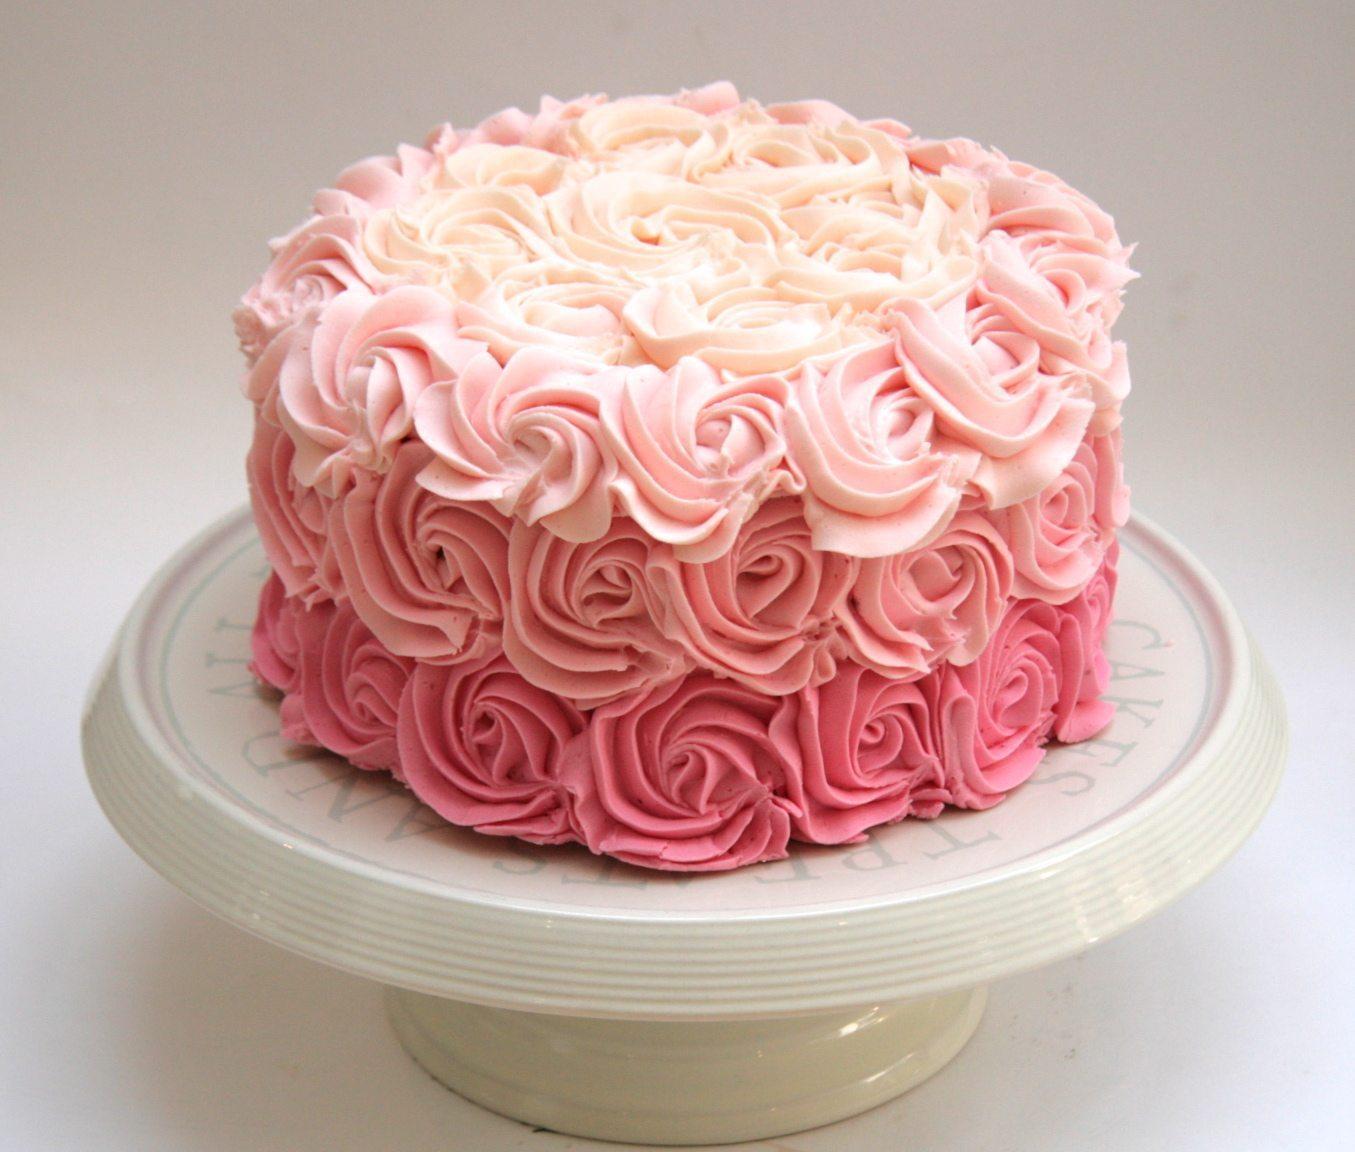 Rosette Cake 4 Lbs Send Fresh Flowers Online Flower